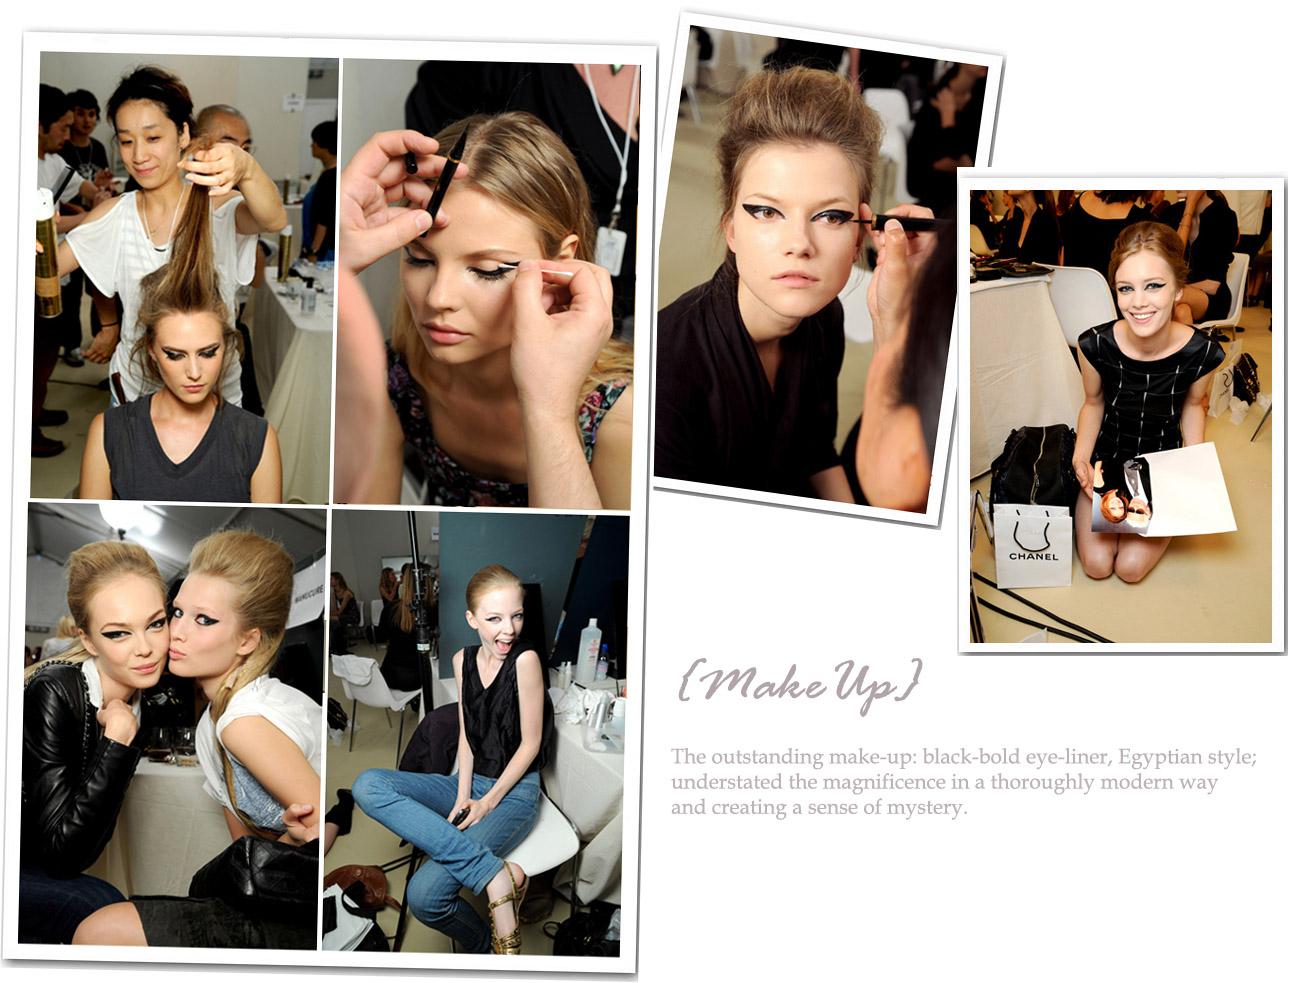 http://1.bp.blogspot.com/_ld3aY6QXFfY/S9IBYPkIqWI/AAAAAAAAEUg/TtZDMk7mXqY/s1600/Chanel,+Version+7.jpg